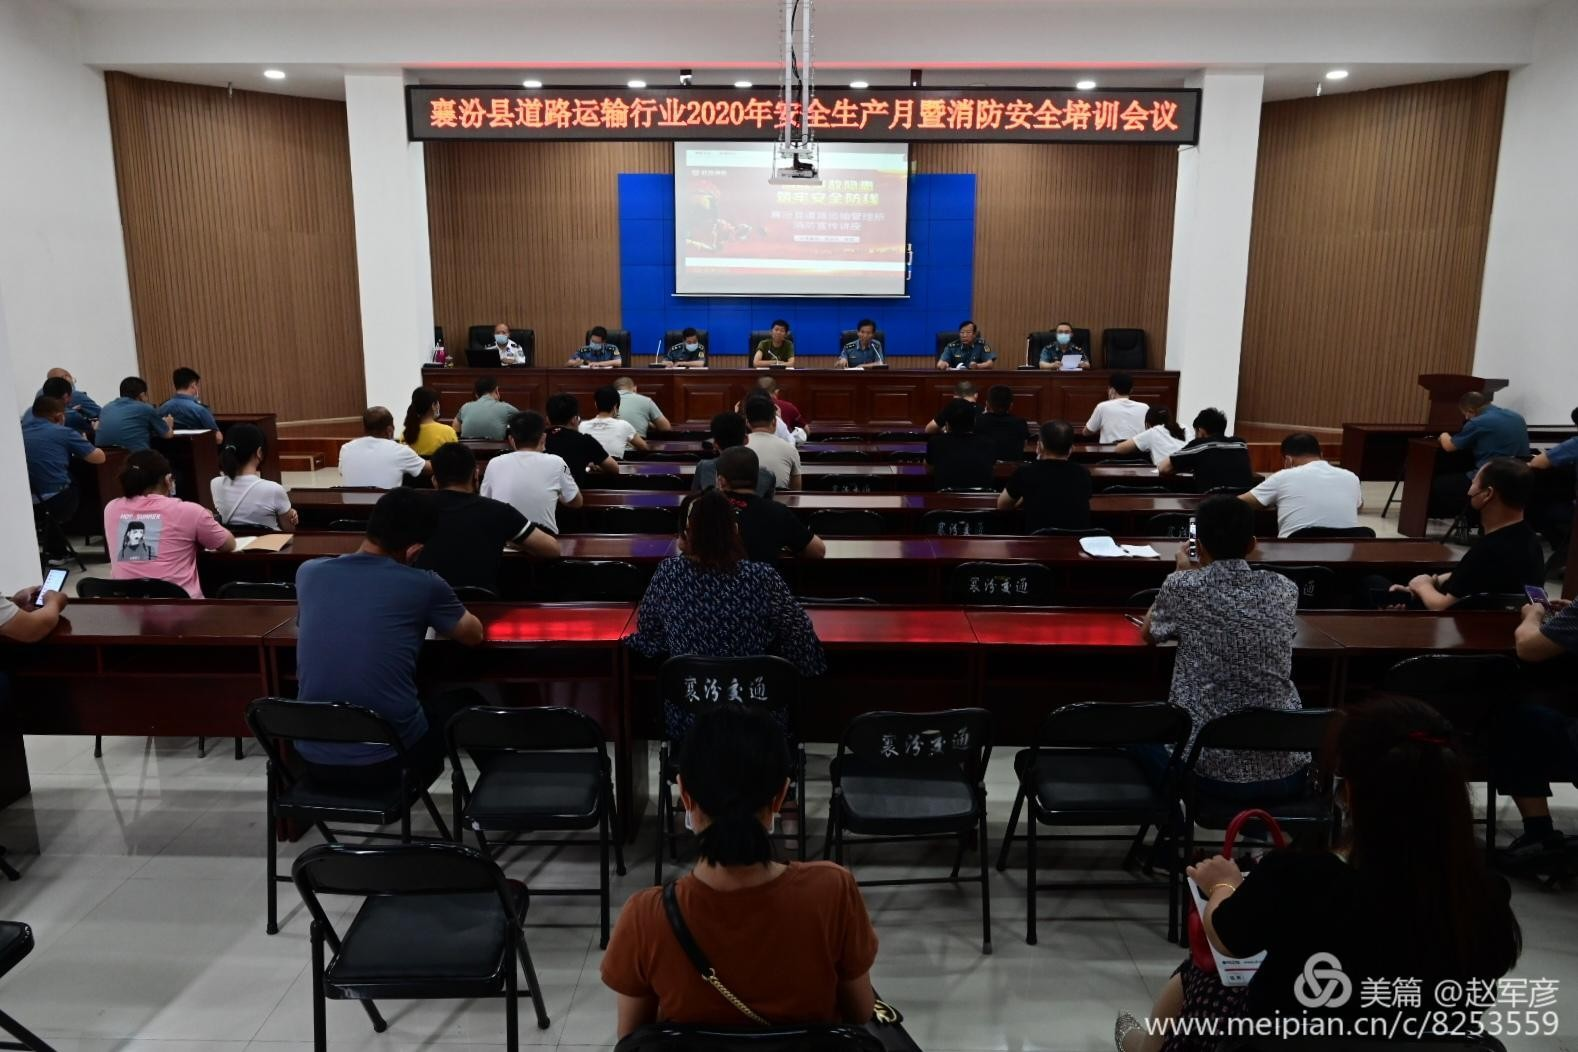 临汾分中心受邀为襄汾县道路运输管理局开展雷电竞官方网站培训